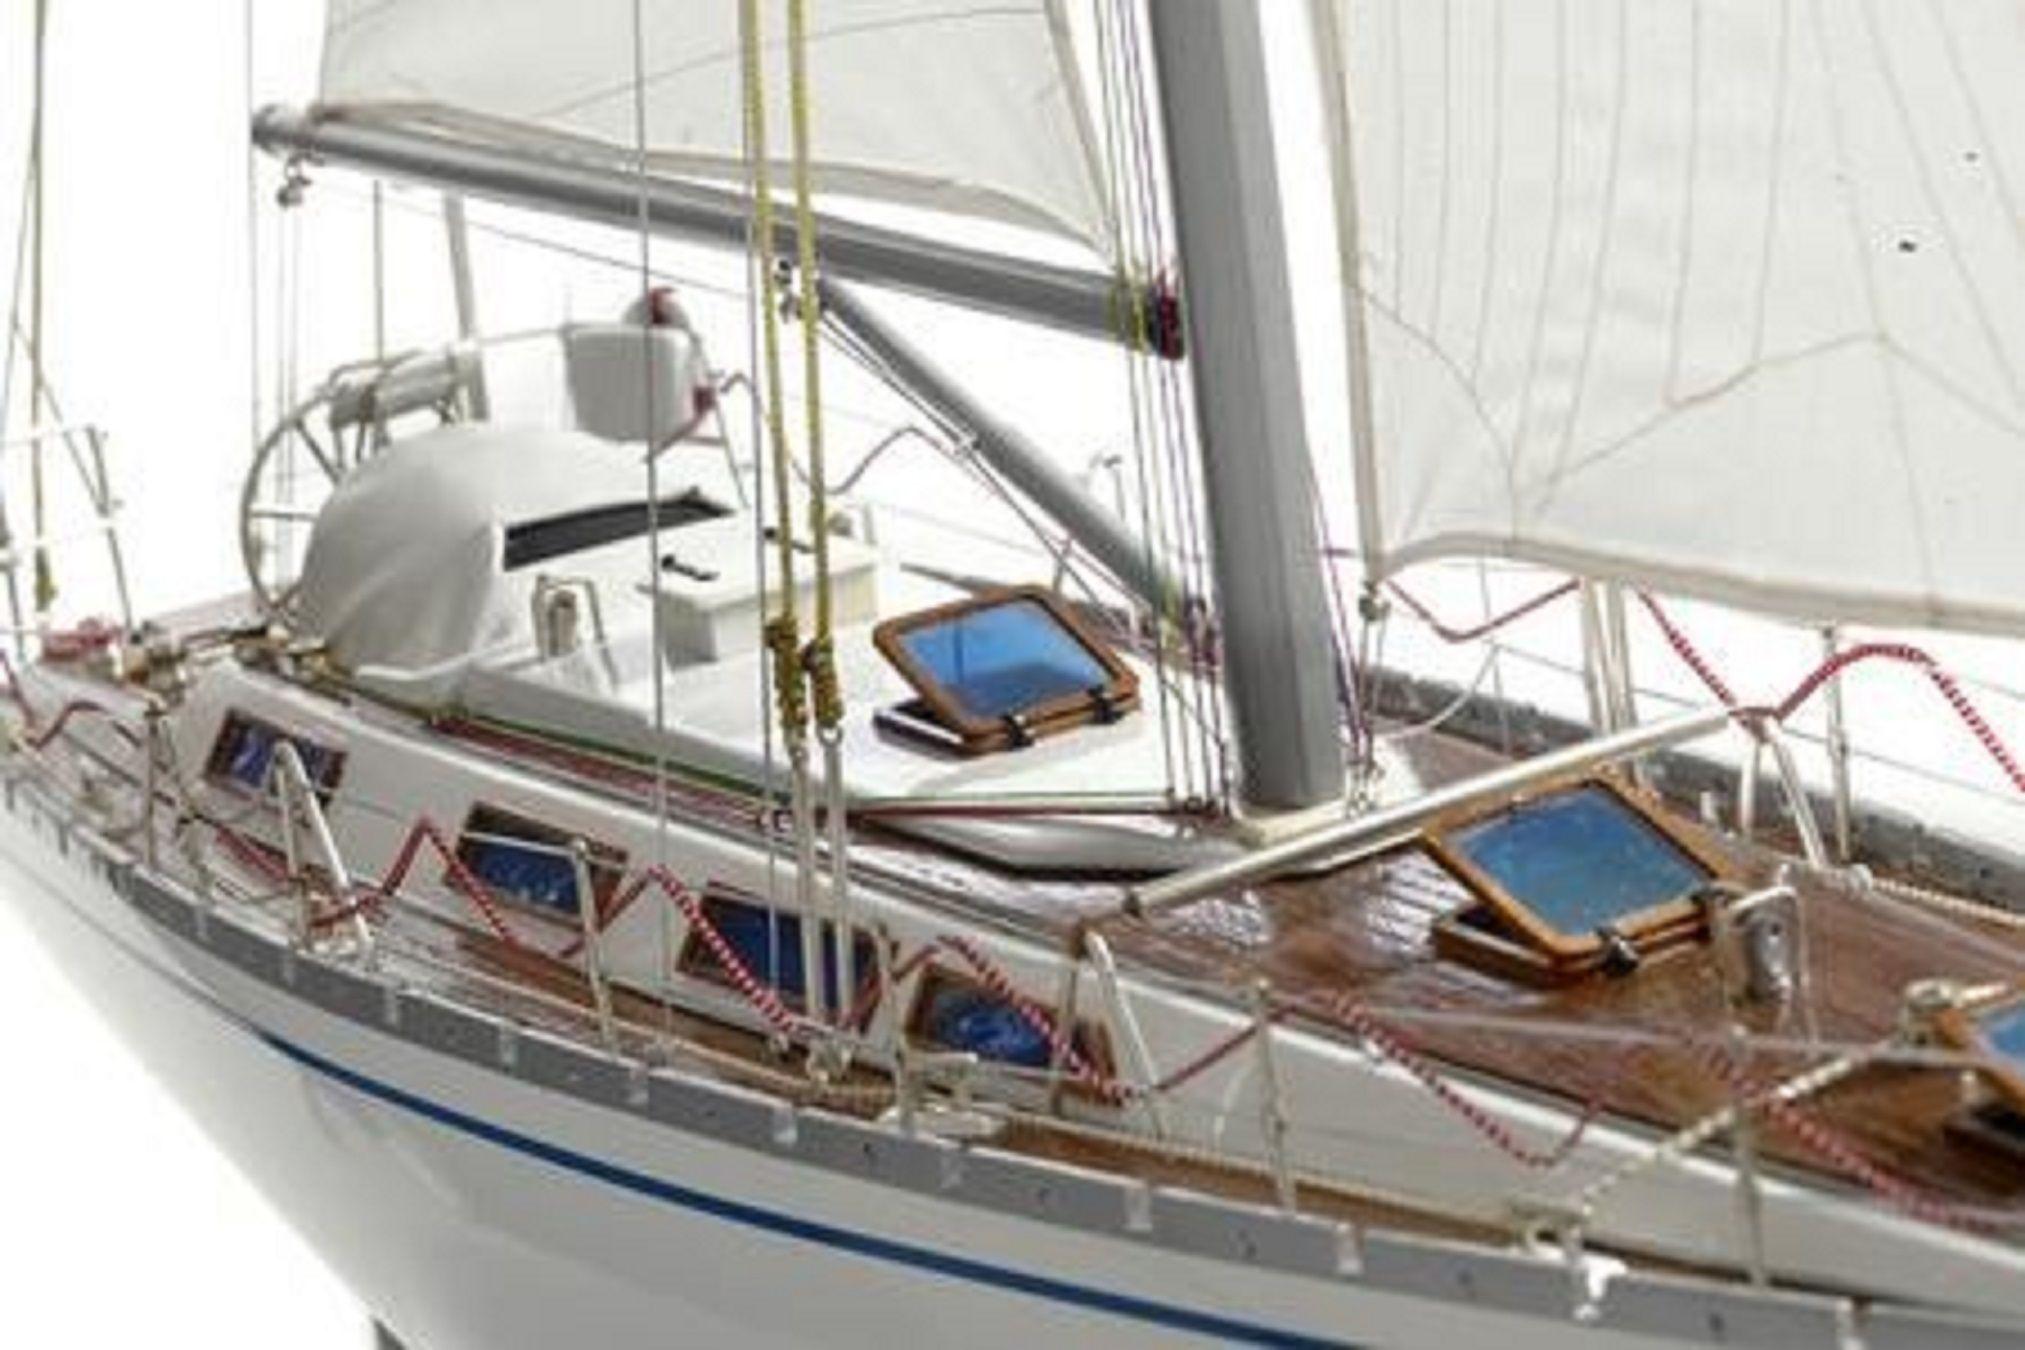 165-6858-Hemith-III-model-yacht